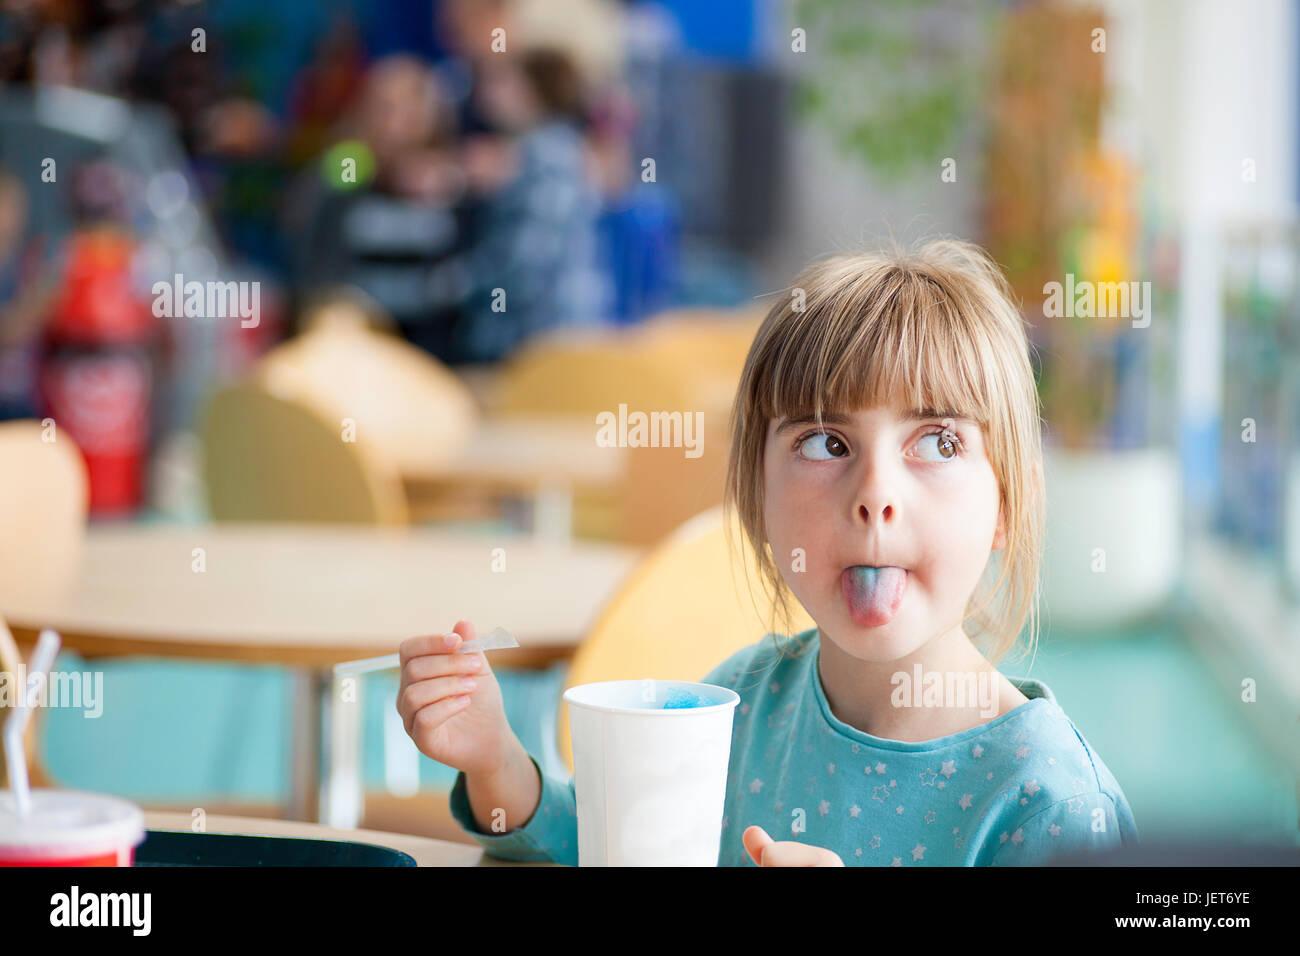 Linda chica rubia pegada o metiendo lengua fuera con azul hielo bebida en brillantemente iluminada con luz natural Imagen De Stock